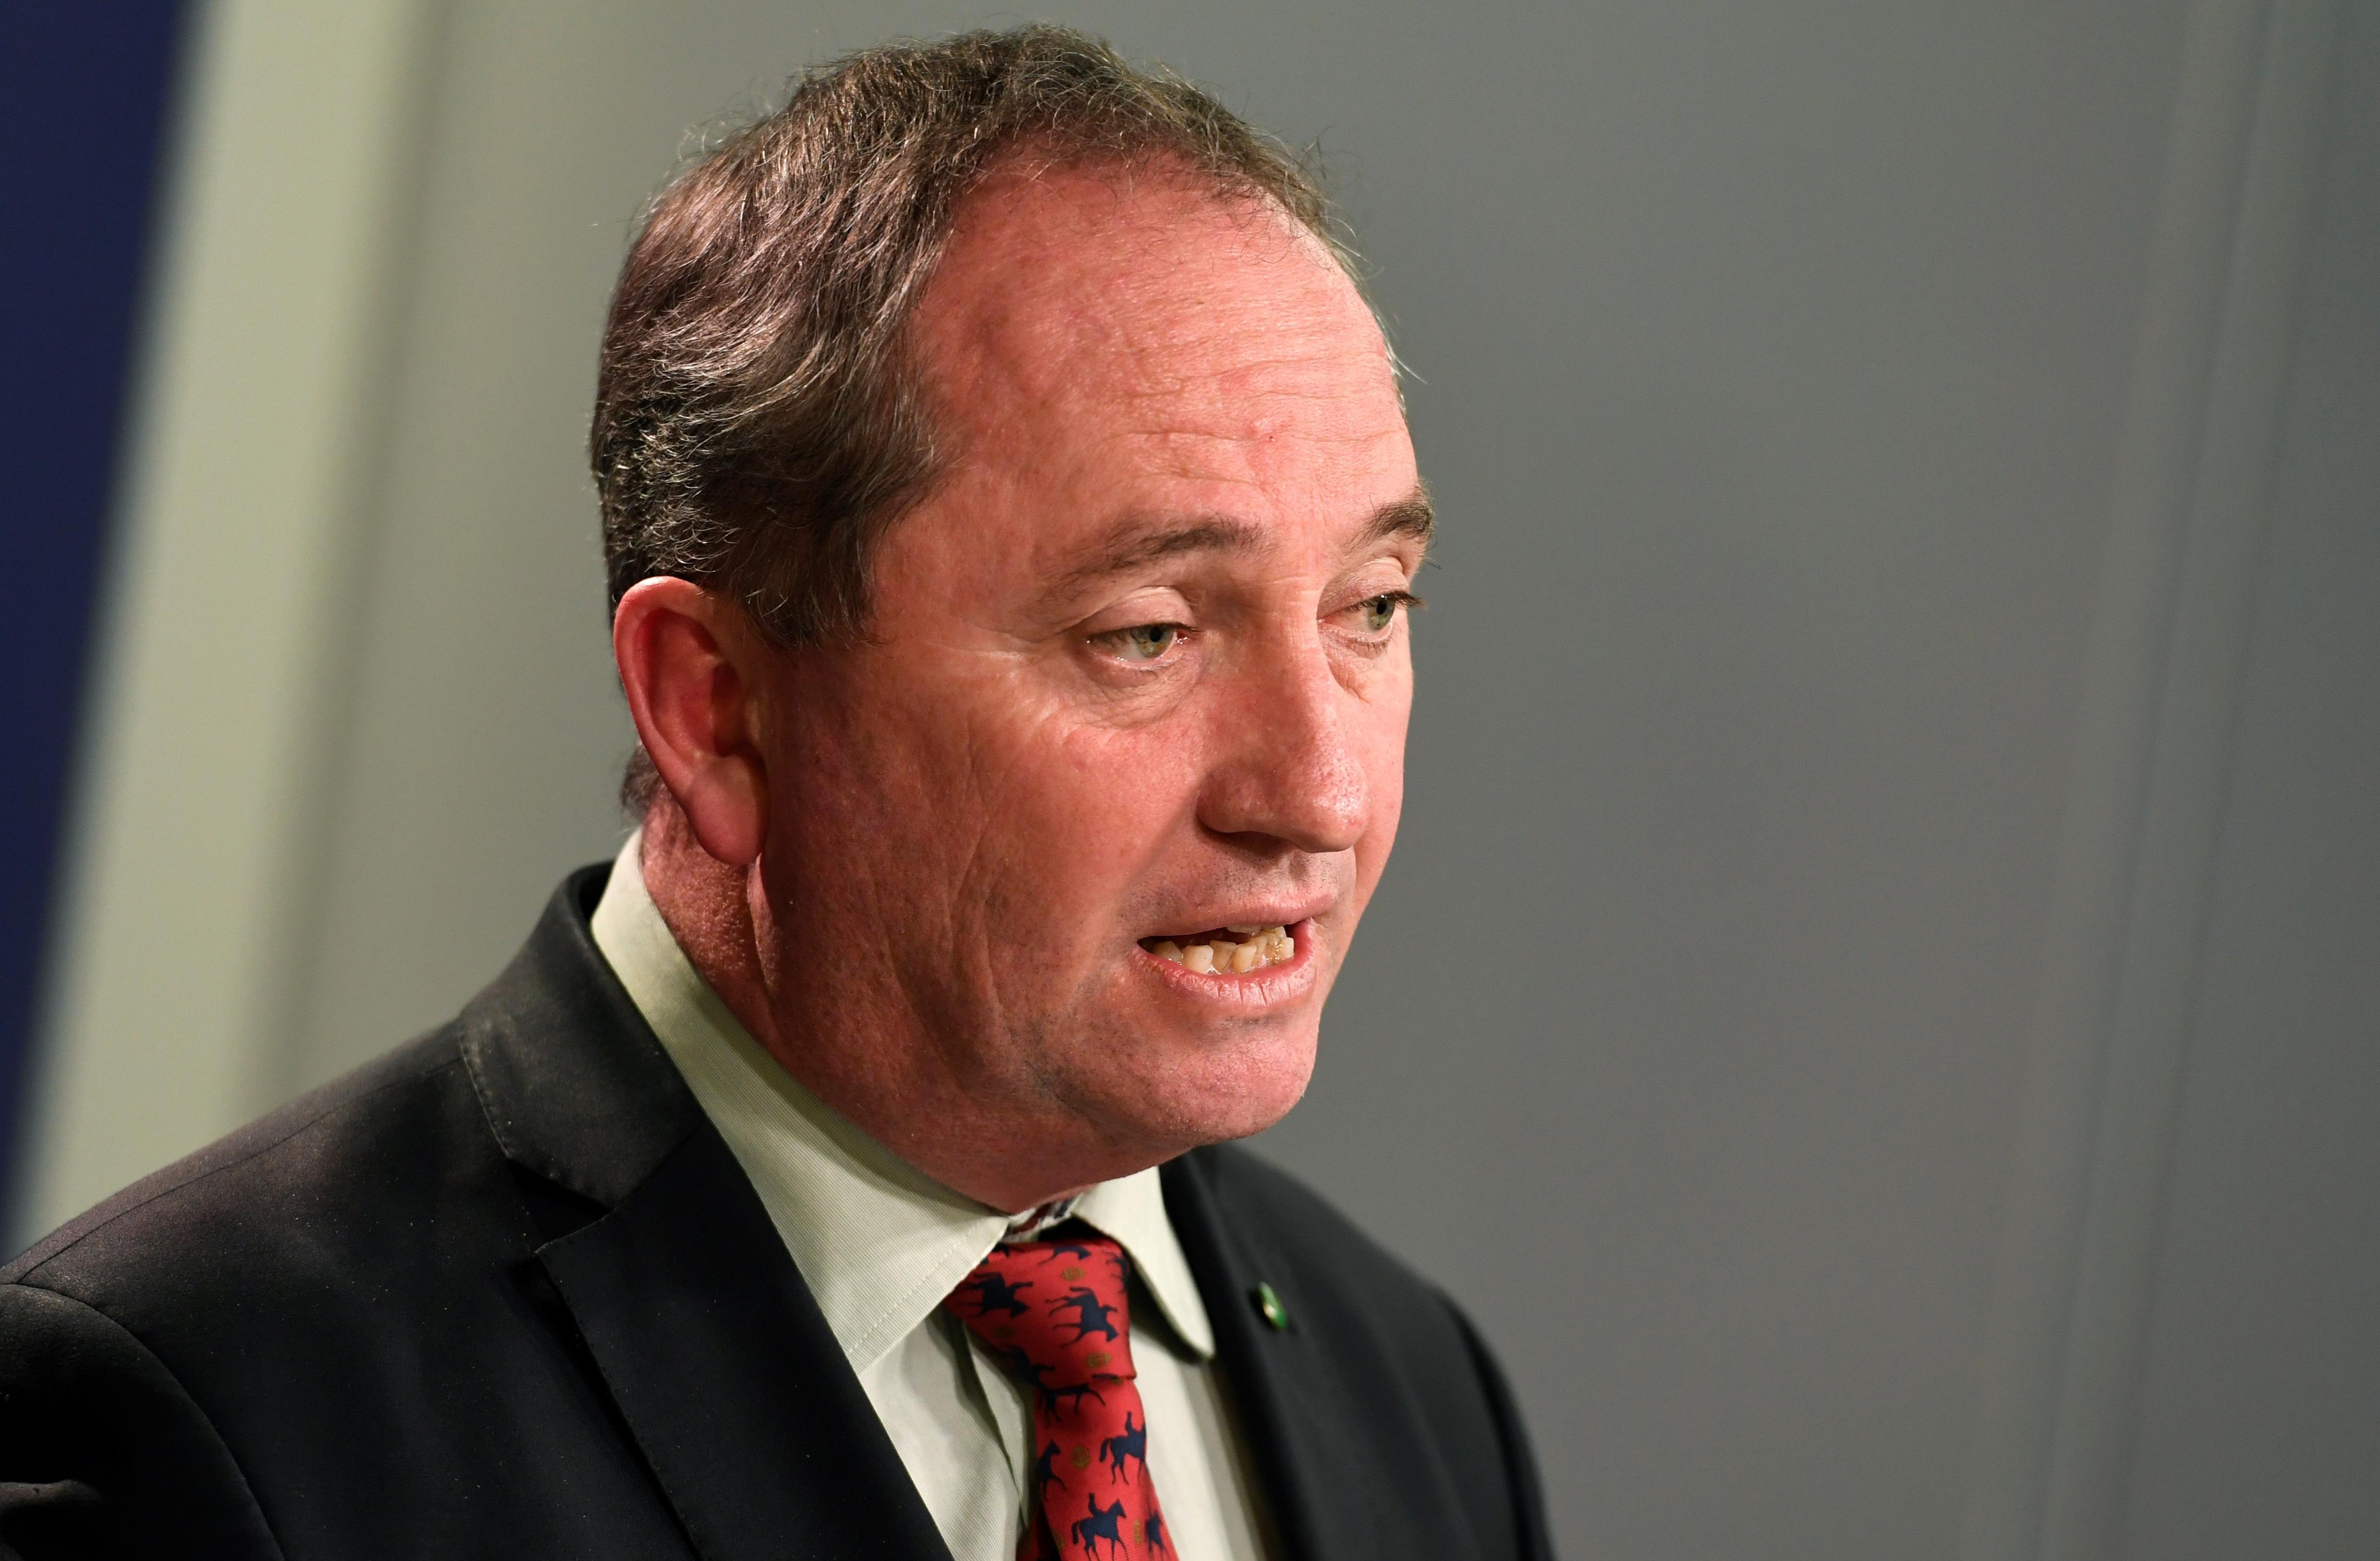 Ausztráliában megtiltották, hogy miniszterek a beosztottjaikkal szexeljenek